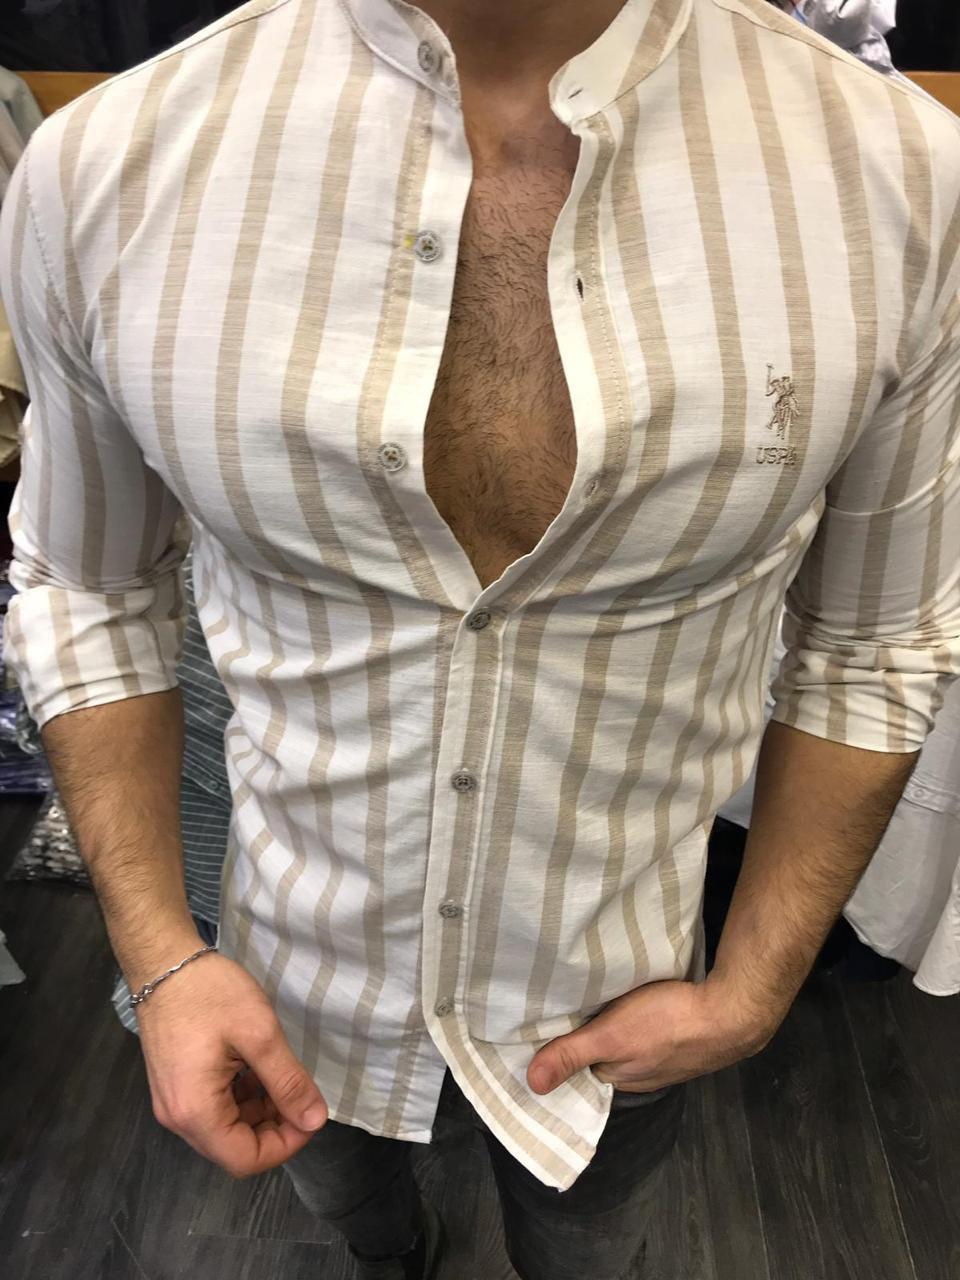 9bd5564dbc2ee3b Мужская брендовая рубашка. Сорочка. Топ качество 🔝🔝🔝 - ШТИБЛЕТЫюа в  Харькове